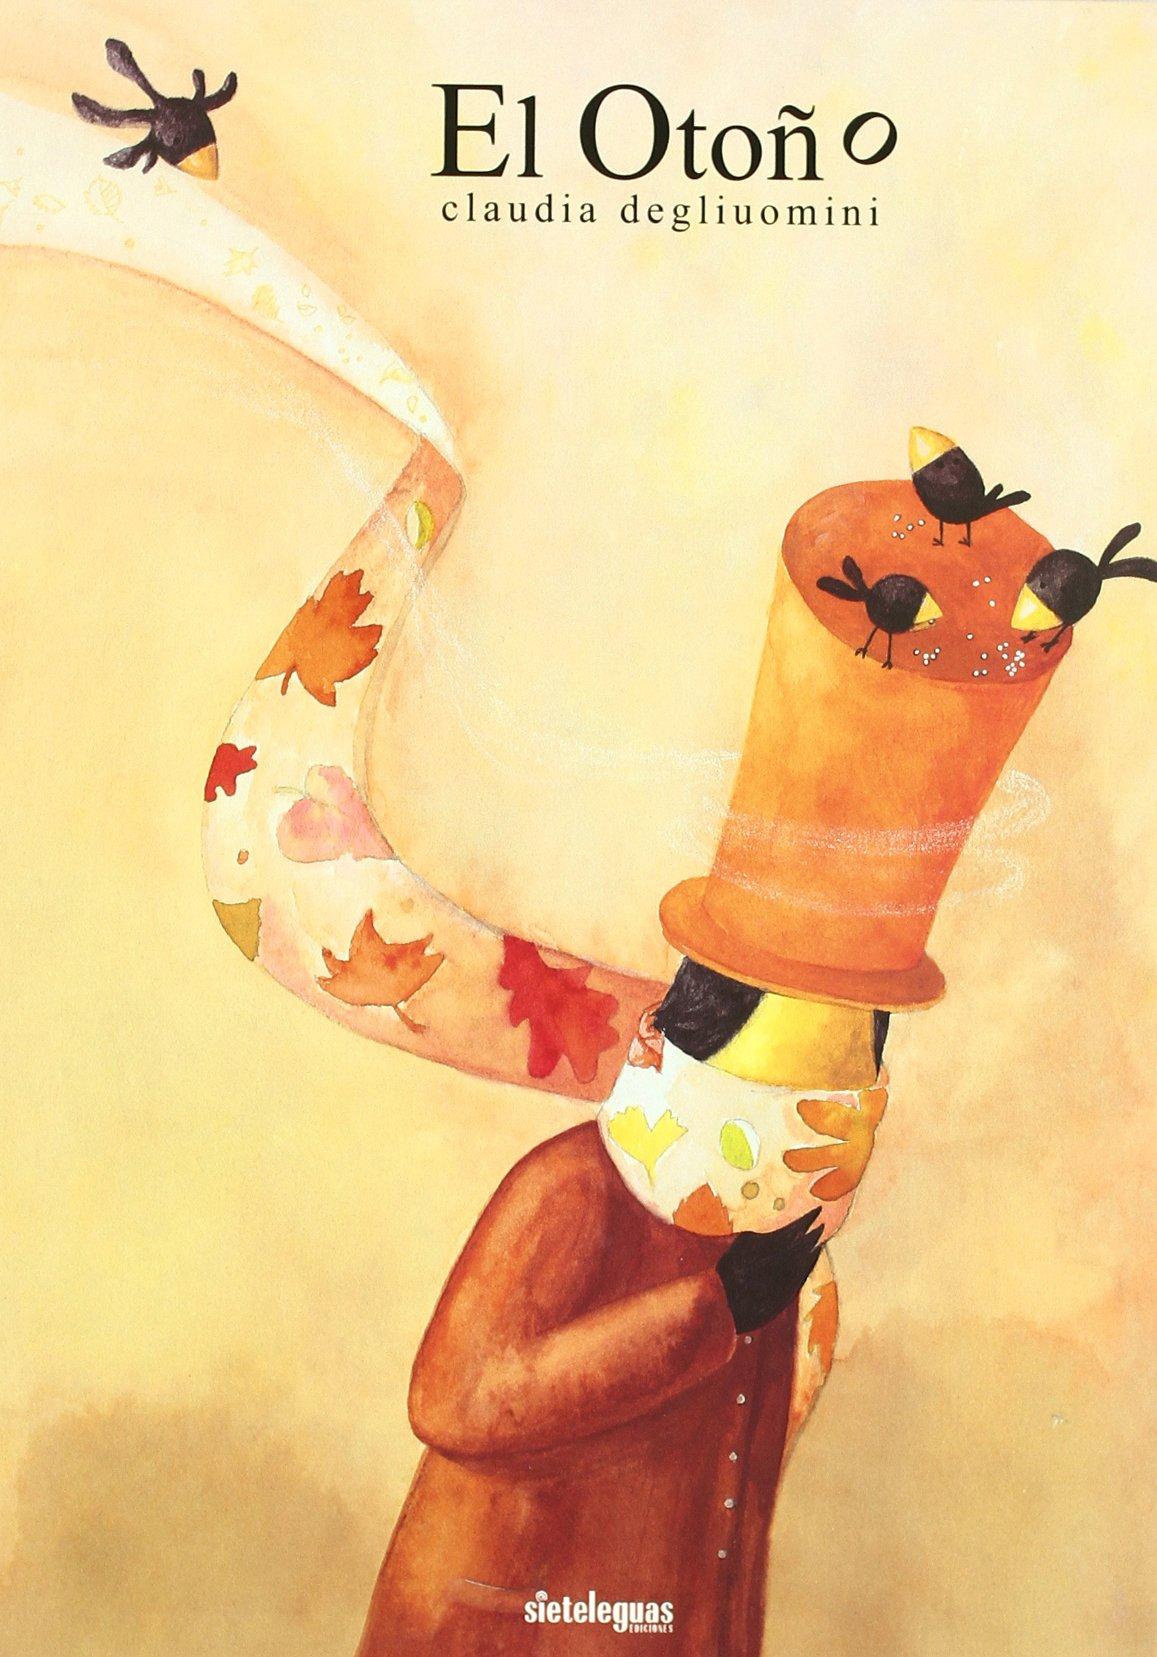 Resultado de imagen de libro infantil el otoño claudia